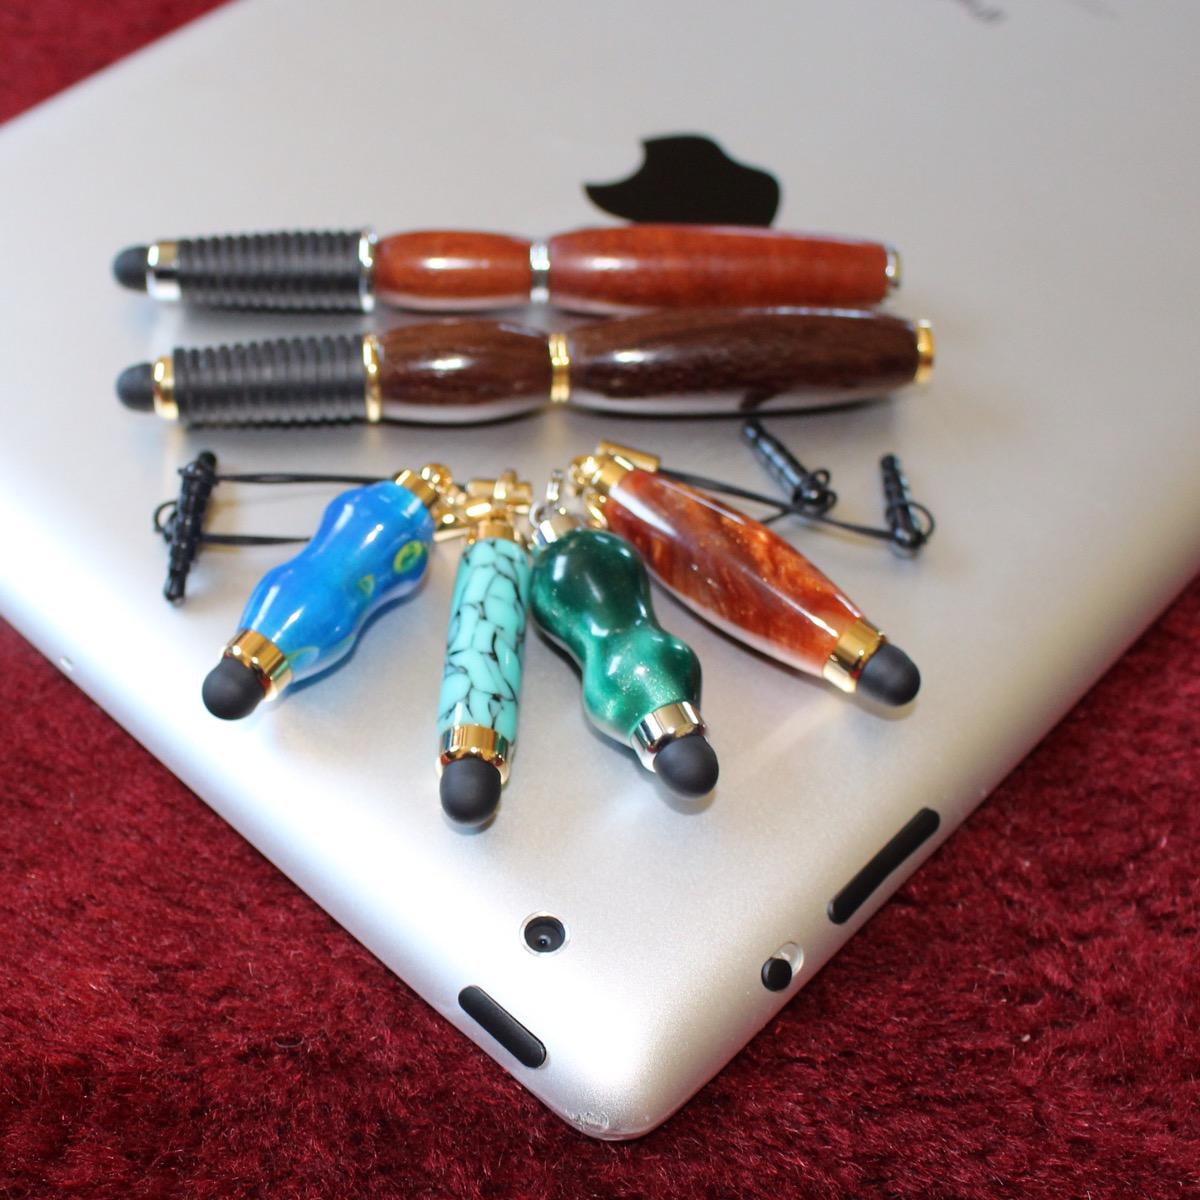 a-stylus-group.jpg